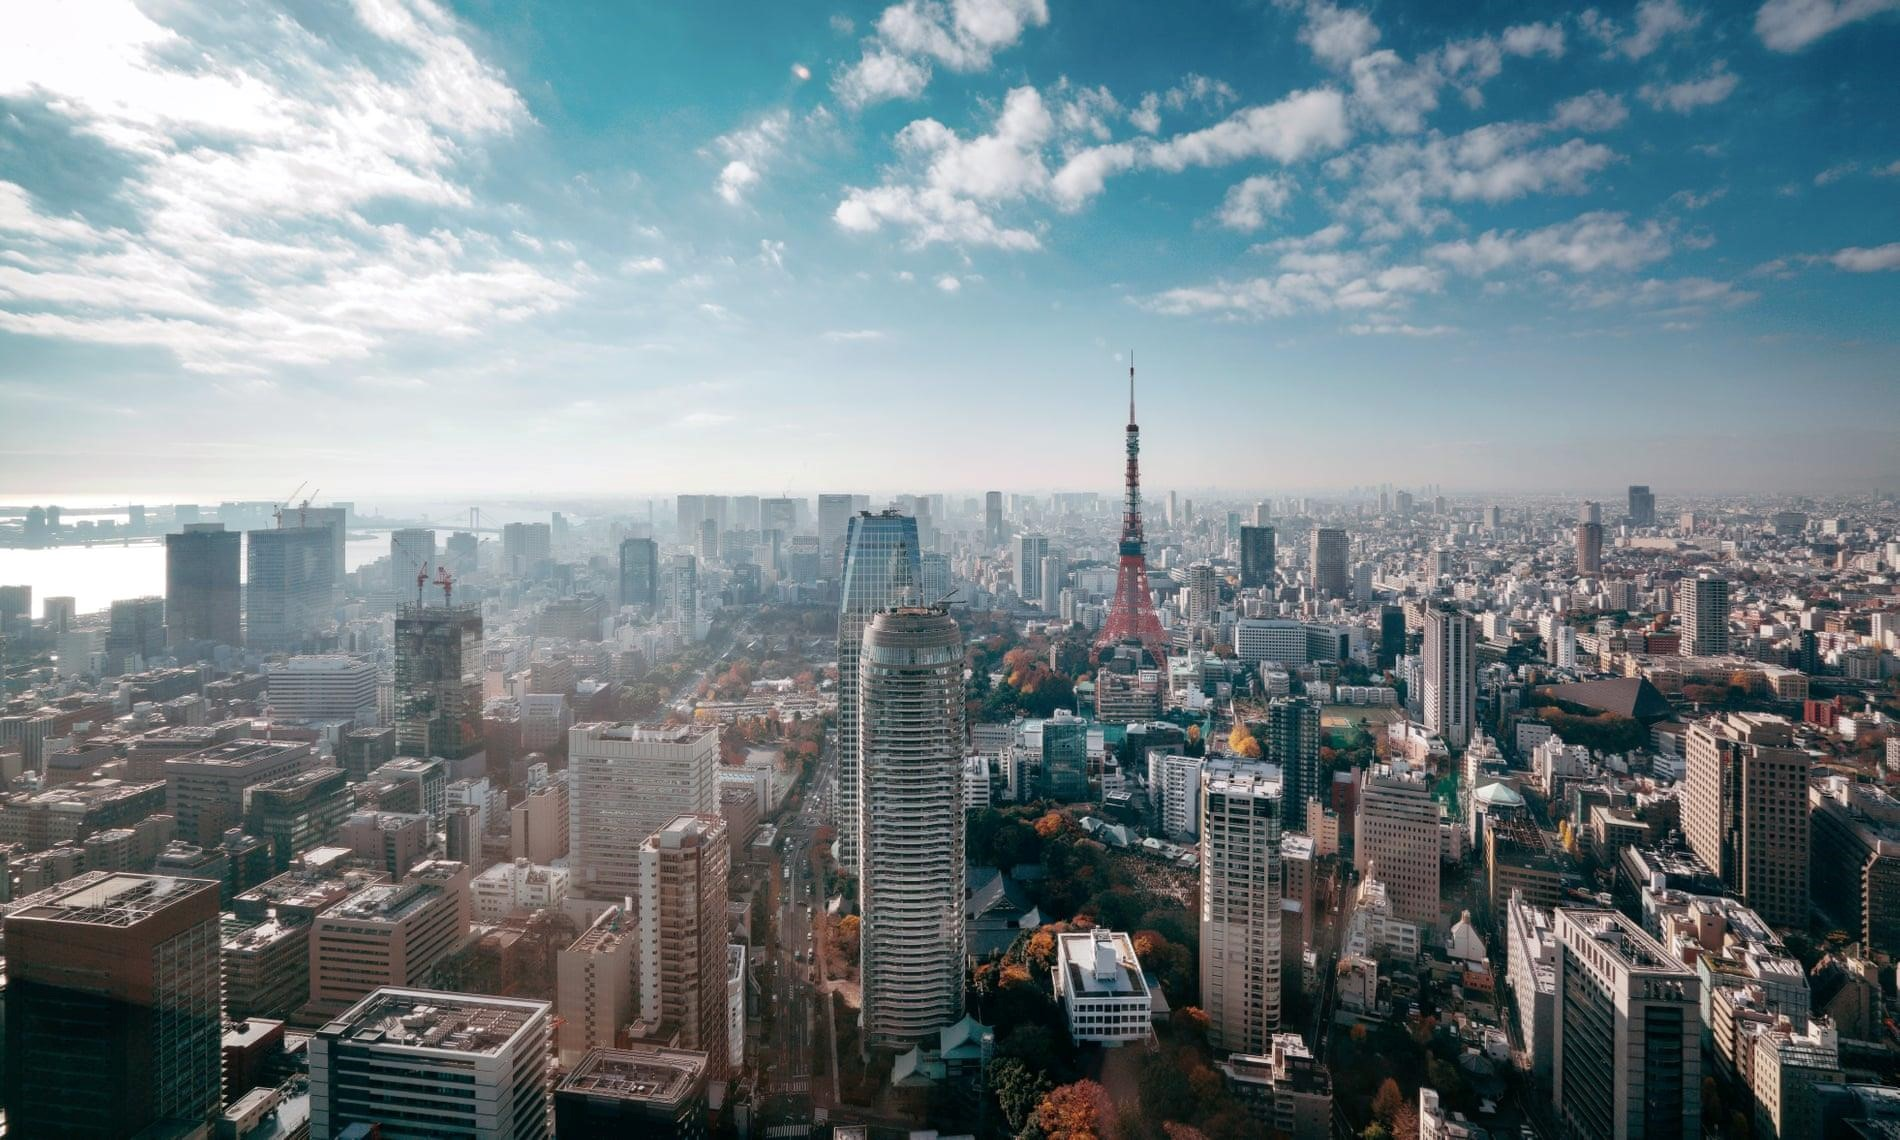 Siêu đô thị lớn nhất thế giới đã đạt 'đỉnh cao' và đang co lại - Ảnh 1.